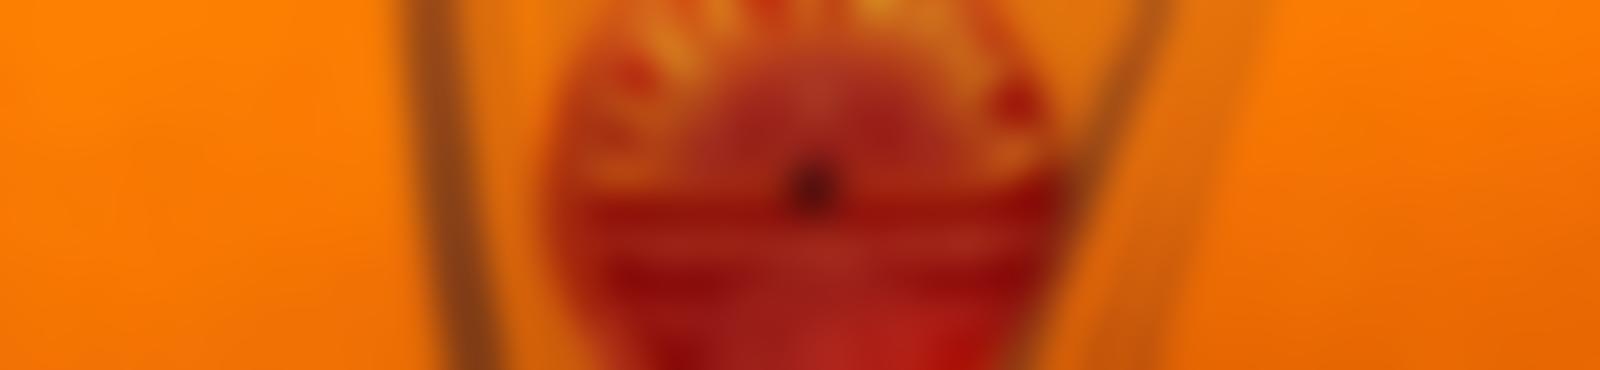 Blurred d261e9b0 6b5a 47b8 8539 dffbc9770689